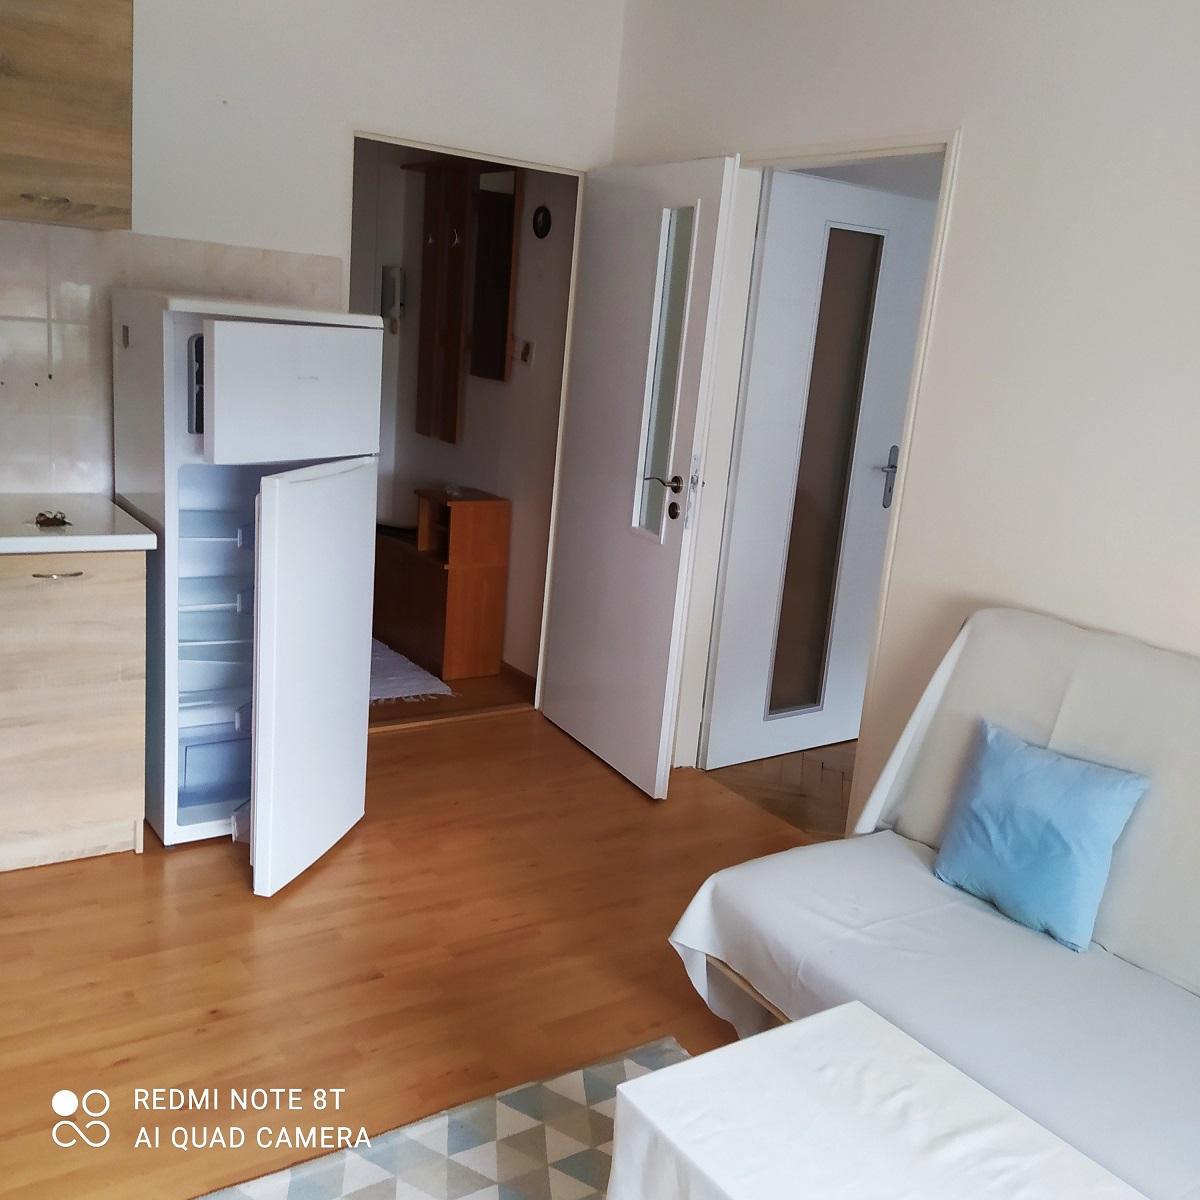 Prenájom útulného 1 izbového bytu na Ďorockej ulici